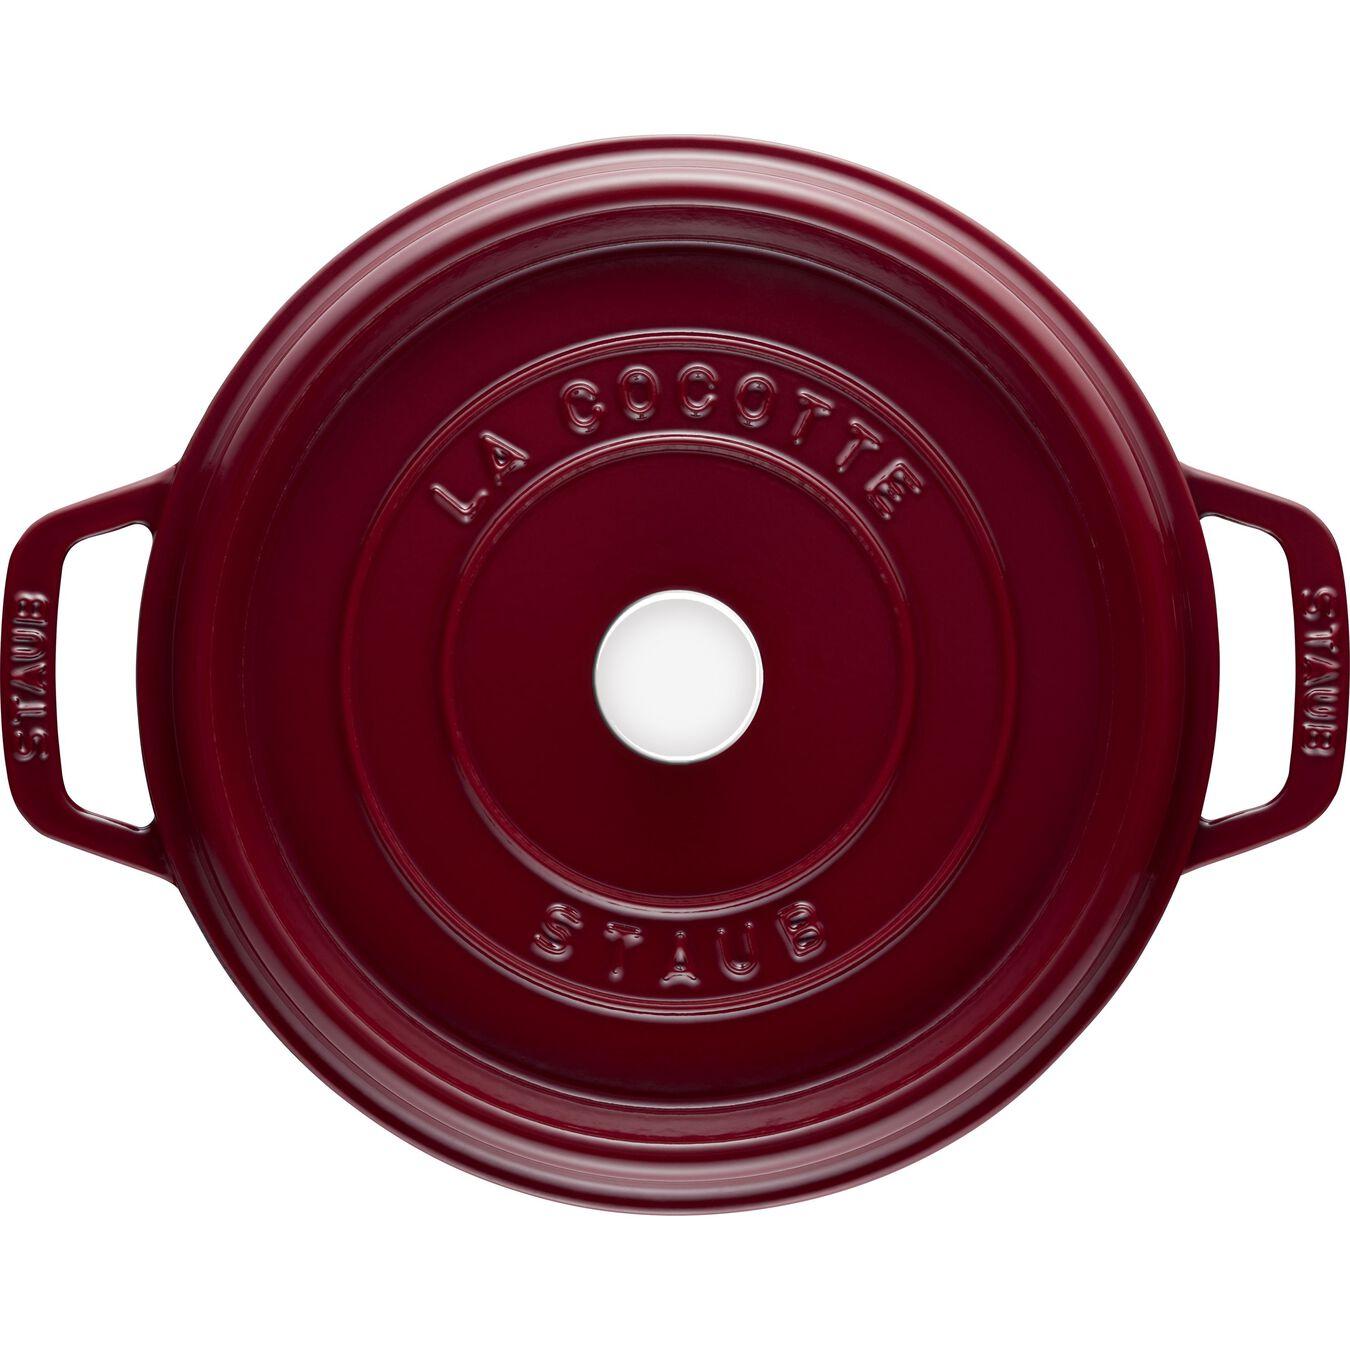 Cocotte 18 cm, rund, Bordeaux, Gusseisen,,large 3